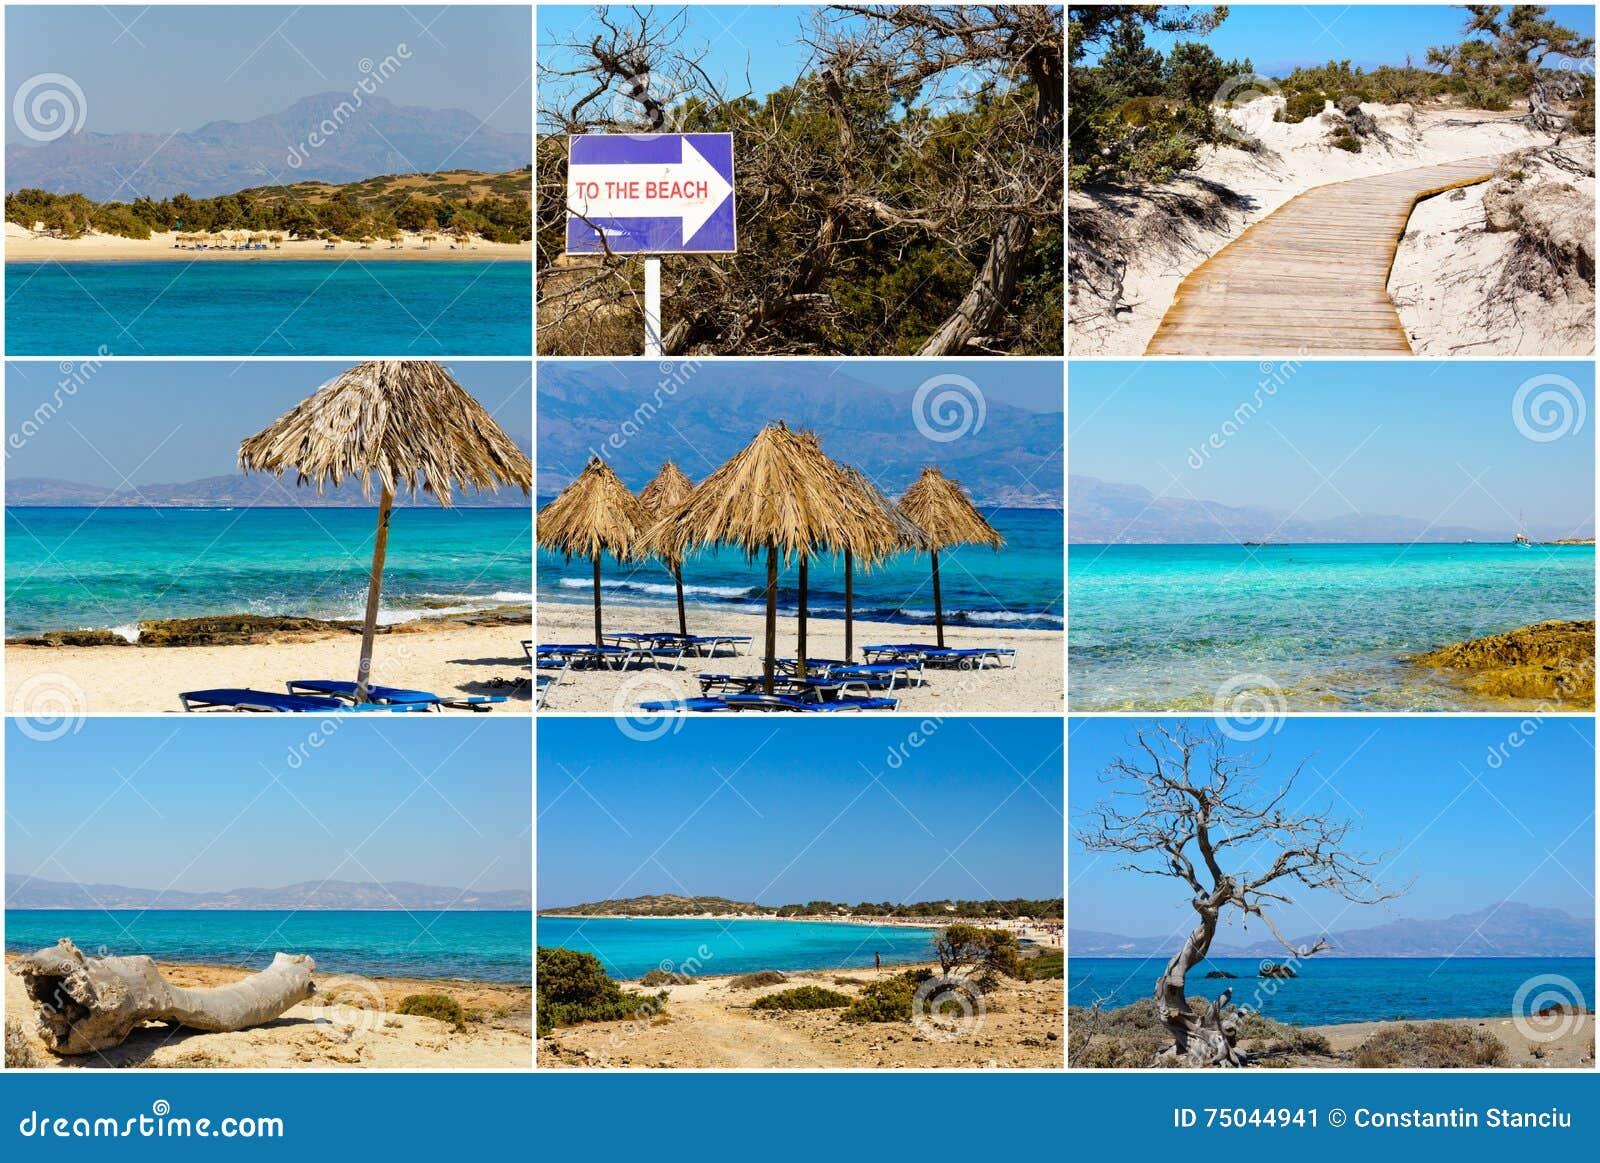 Ile De Chrissi Crete Carte.Collage De Photo Avec Des Images De Chrissi Island Pres De